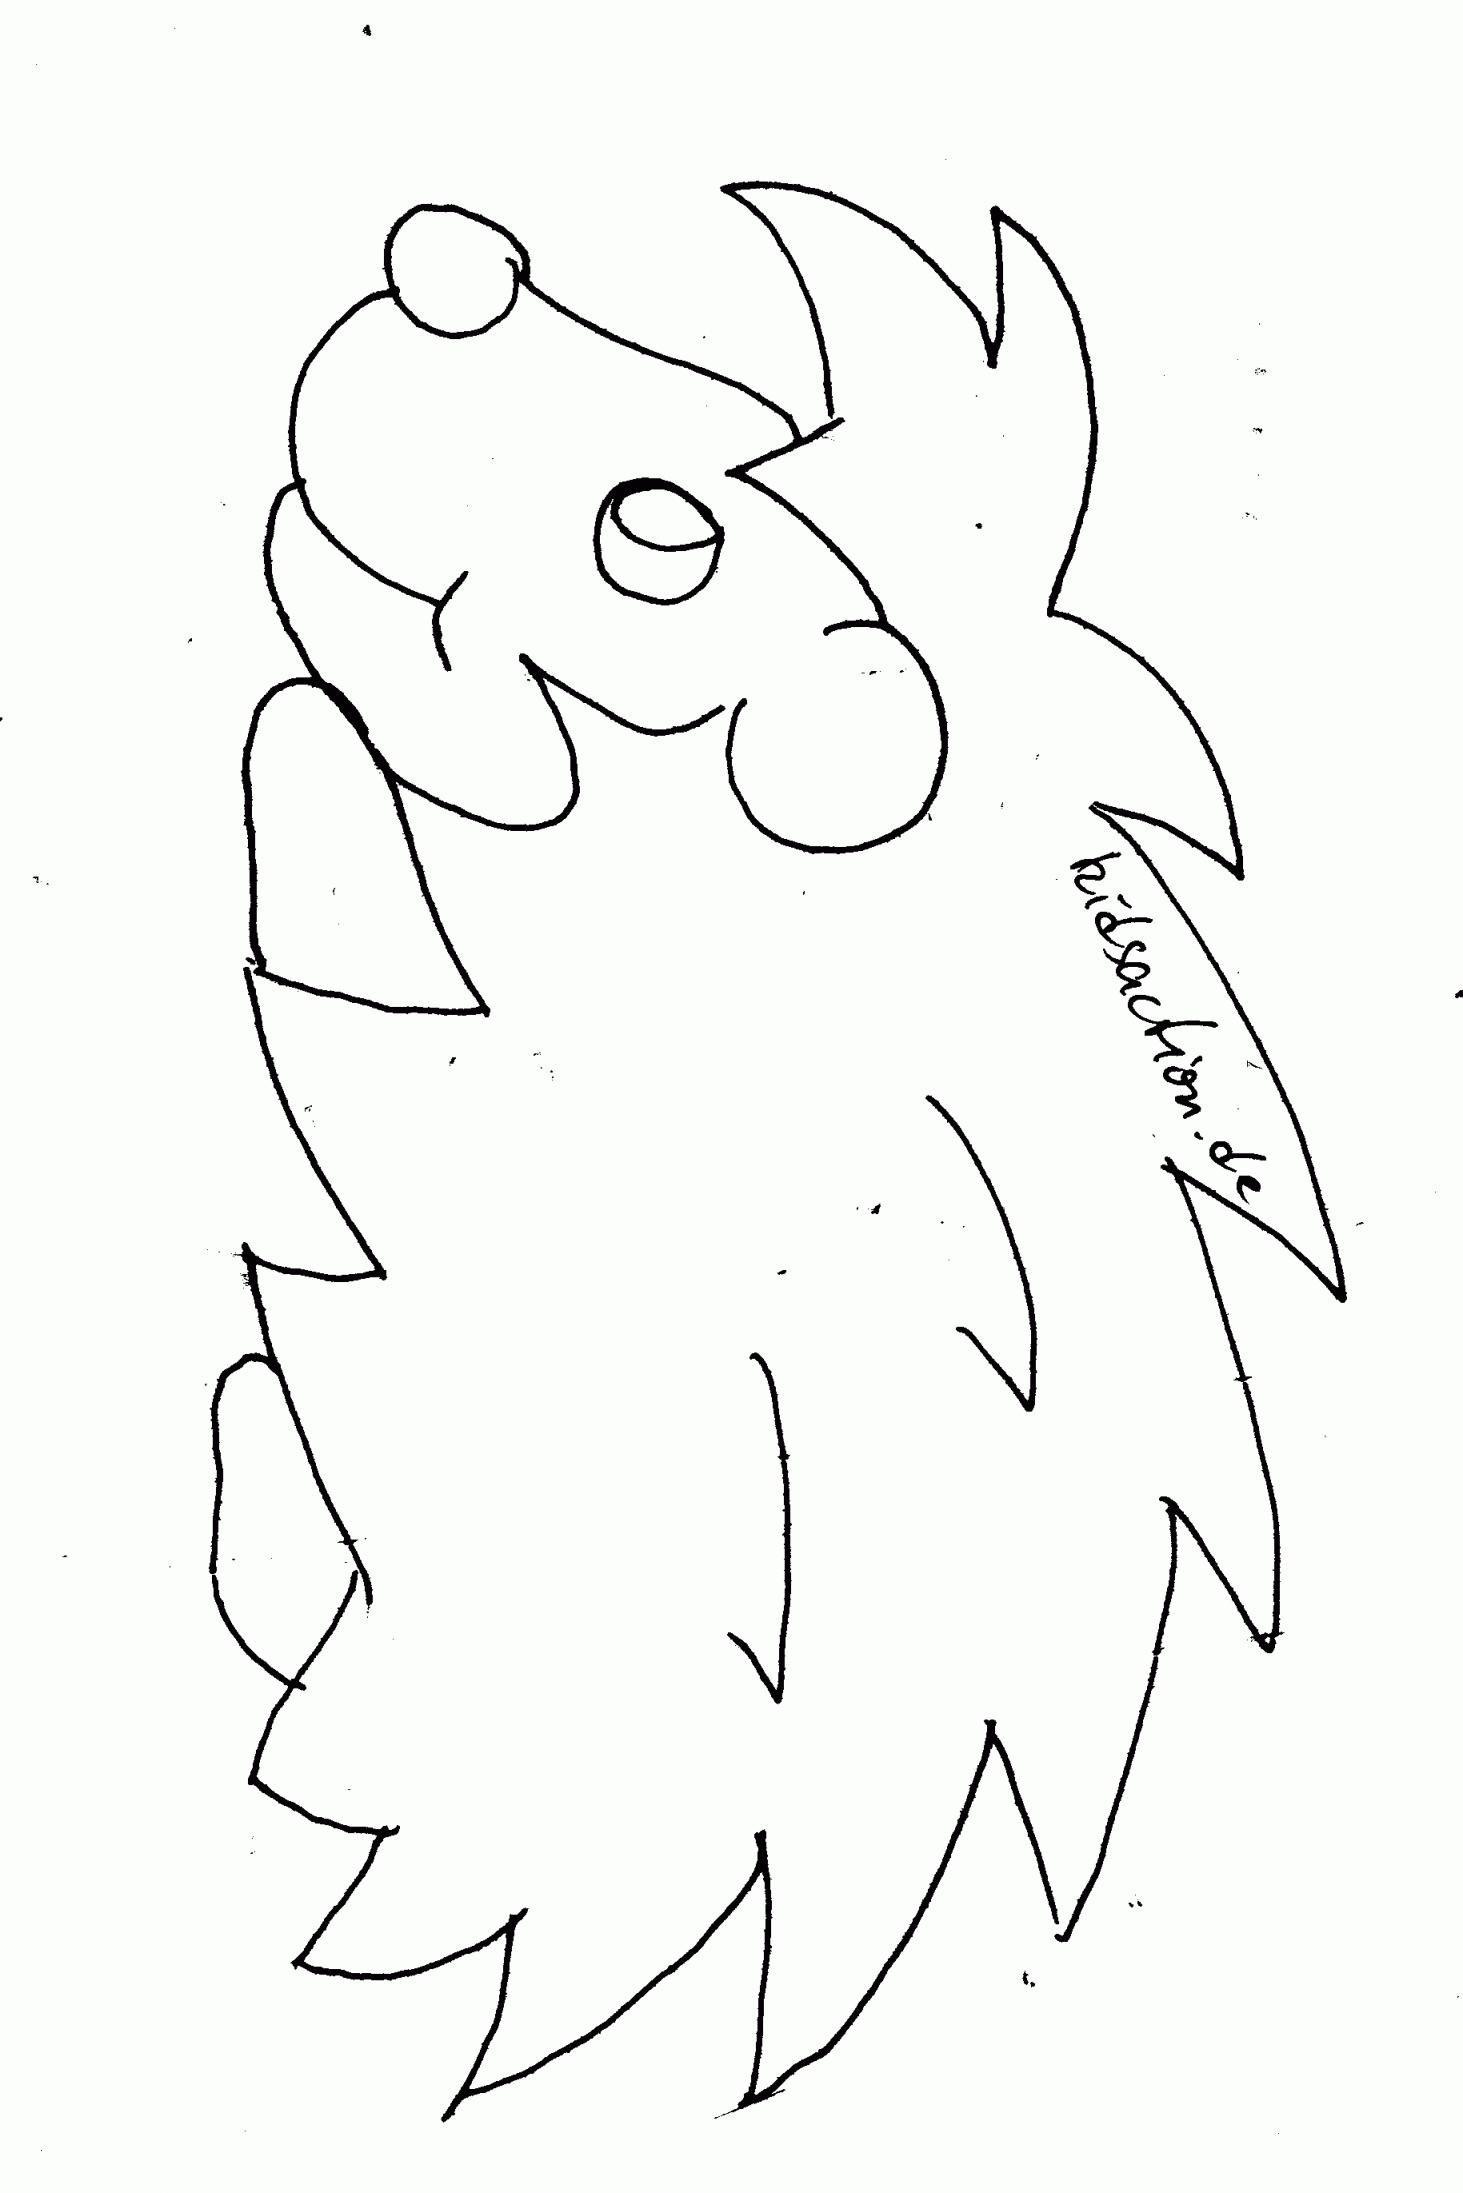 Pokemon Bilder Zum Ausdrucken In Farbe Das Beste Von Bayern Ausmalbilder Frisch Igel Grundschule 0d Archives Schön Stock